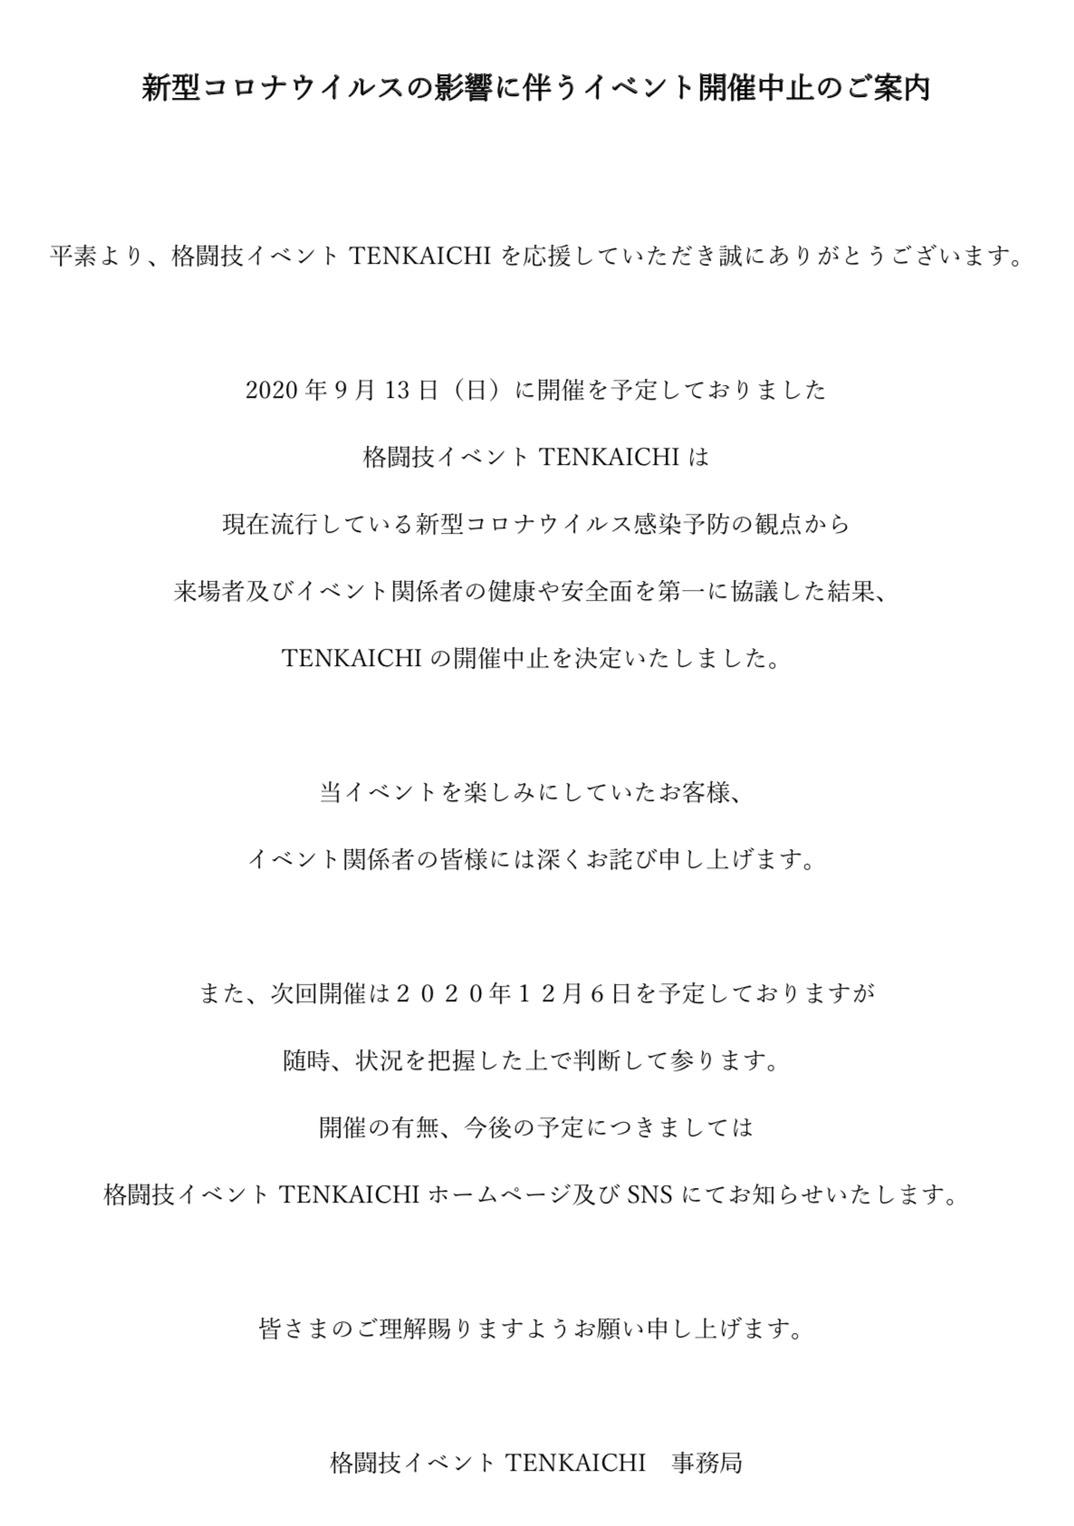 ※TENKAICHI開催中止のお知らせ。 ポスター